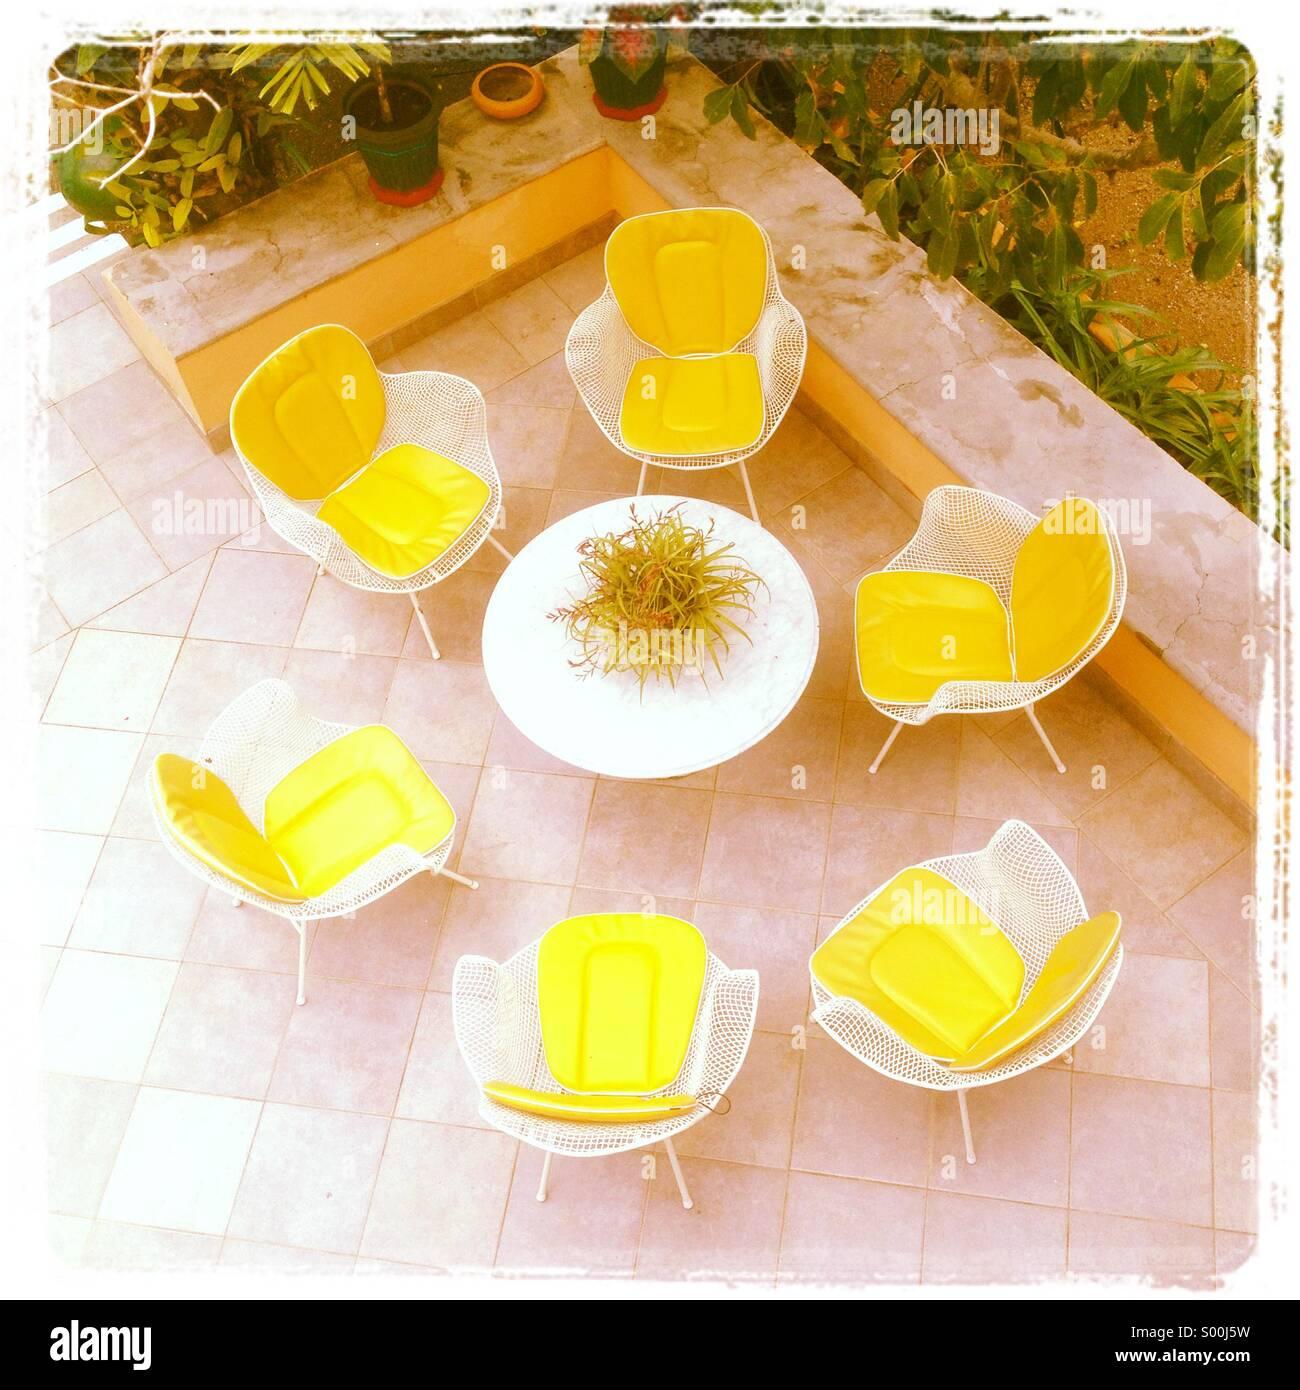 Círculo amarillo Imagen De Stock